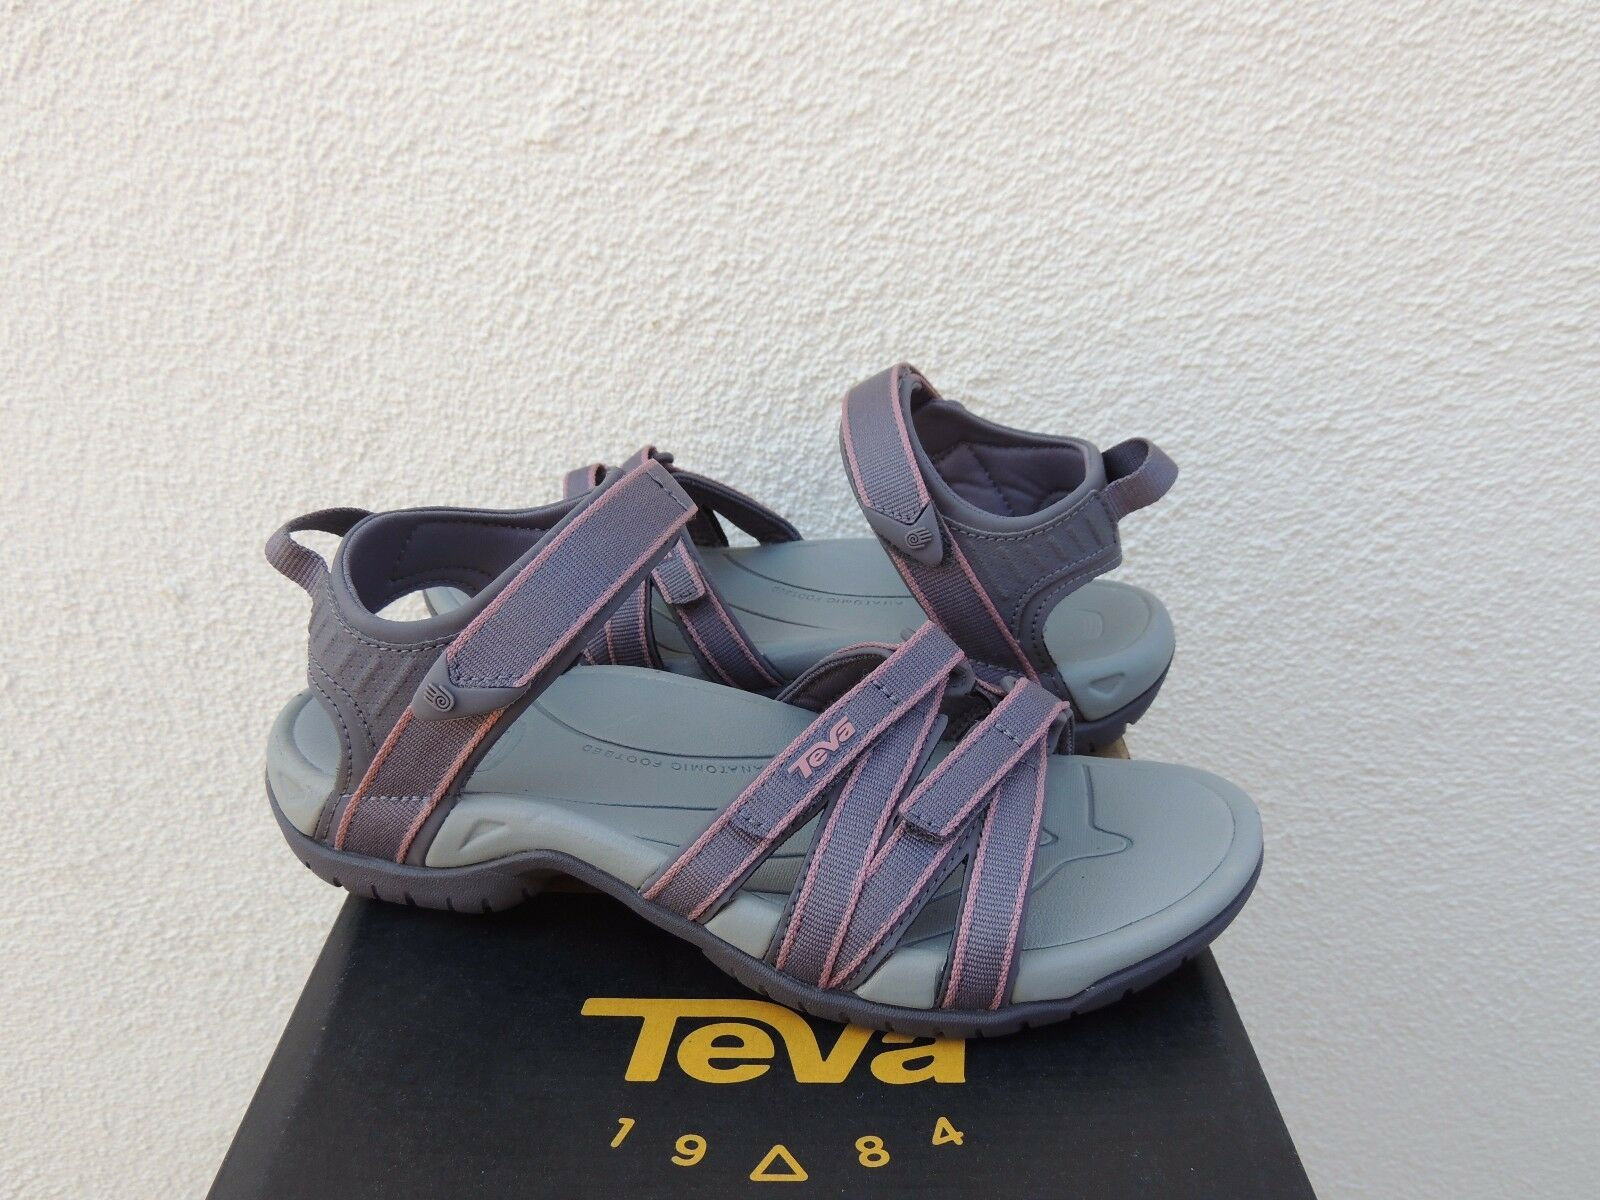 Teva Tirra Dusk Lanières SPORT D'EAU sandales, femme us 7 Eur 38  Neuf avec étiquettes